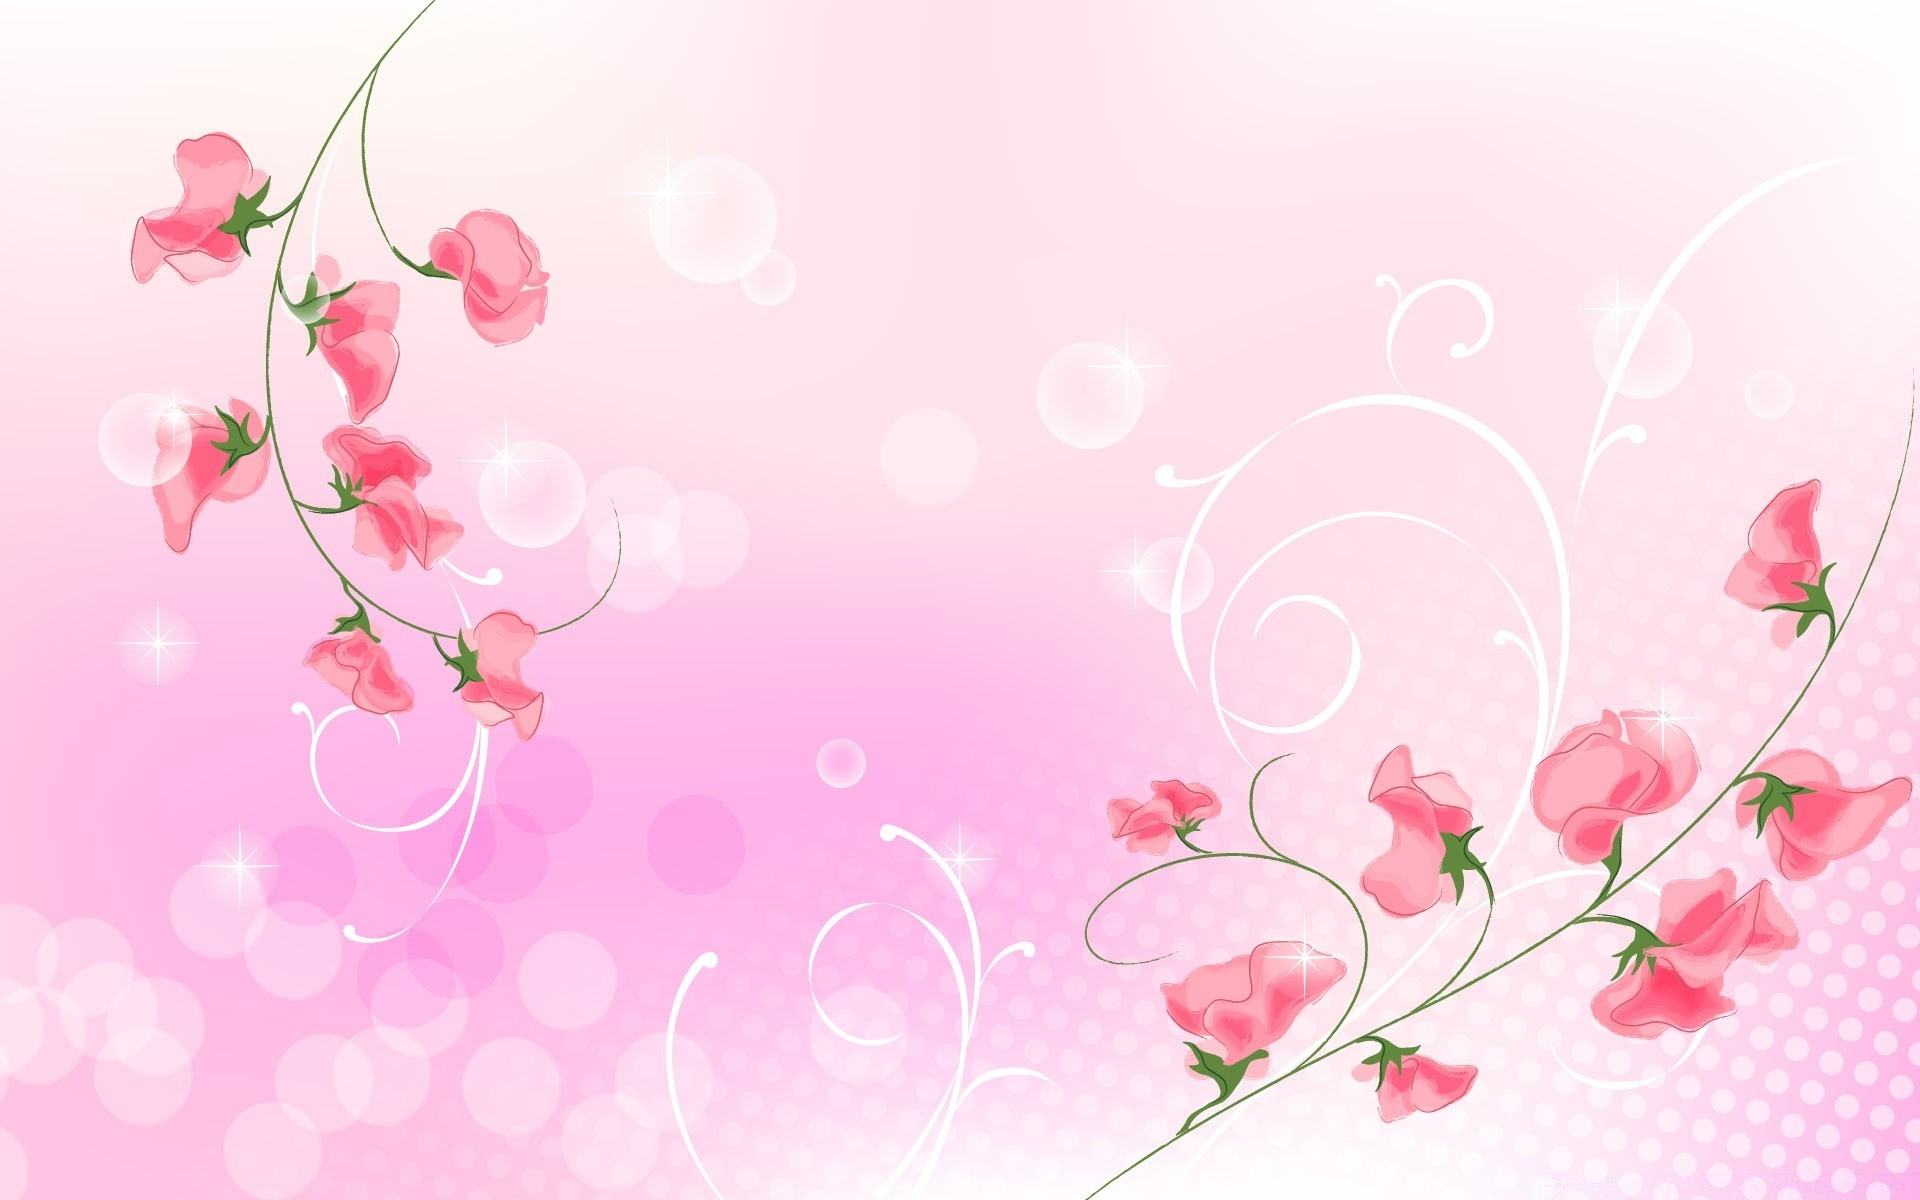 Розовый фон для открытки картинки, дисков